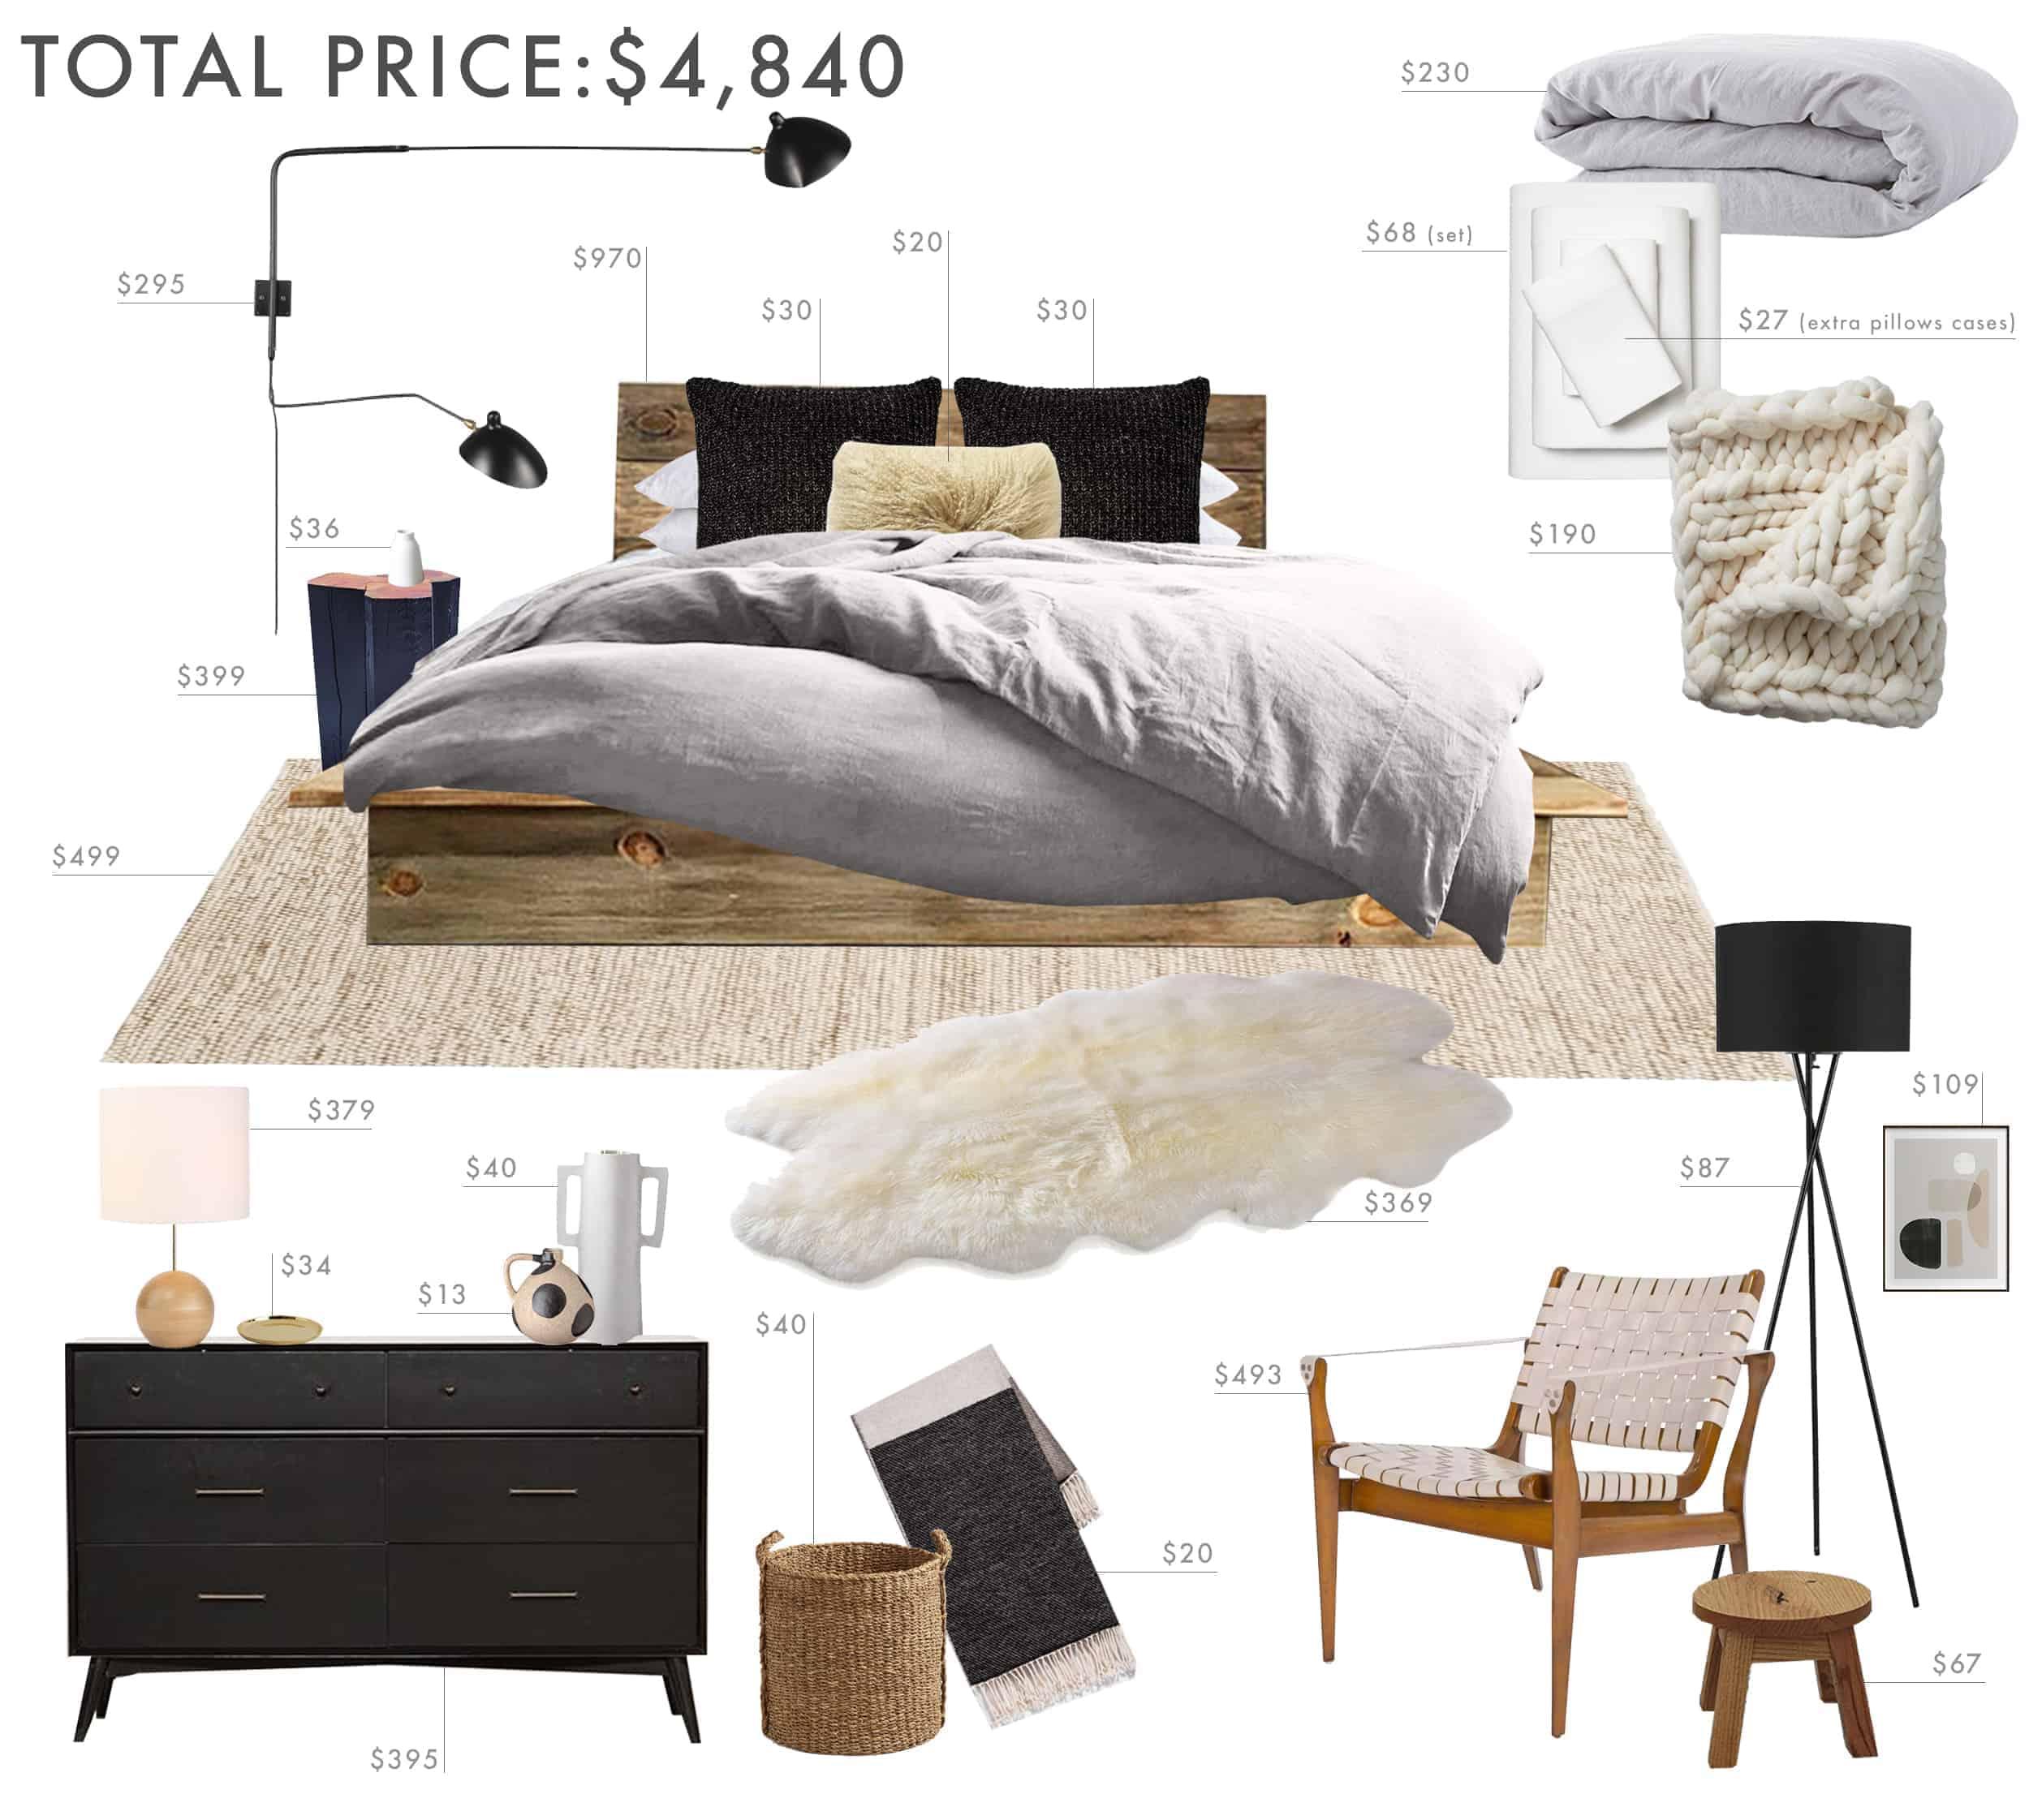 Emily Henderson Budget Room Bedroom Rustic Scandinavian Under 5k